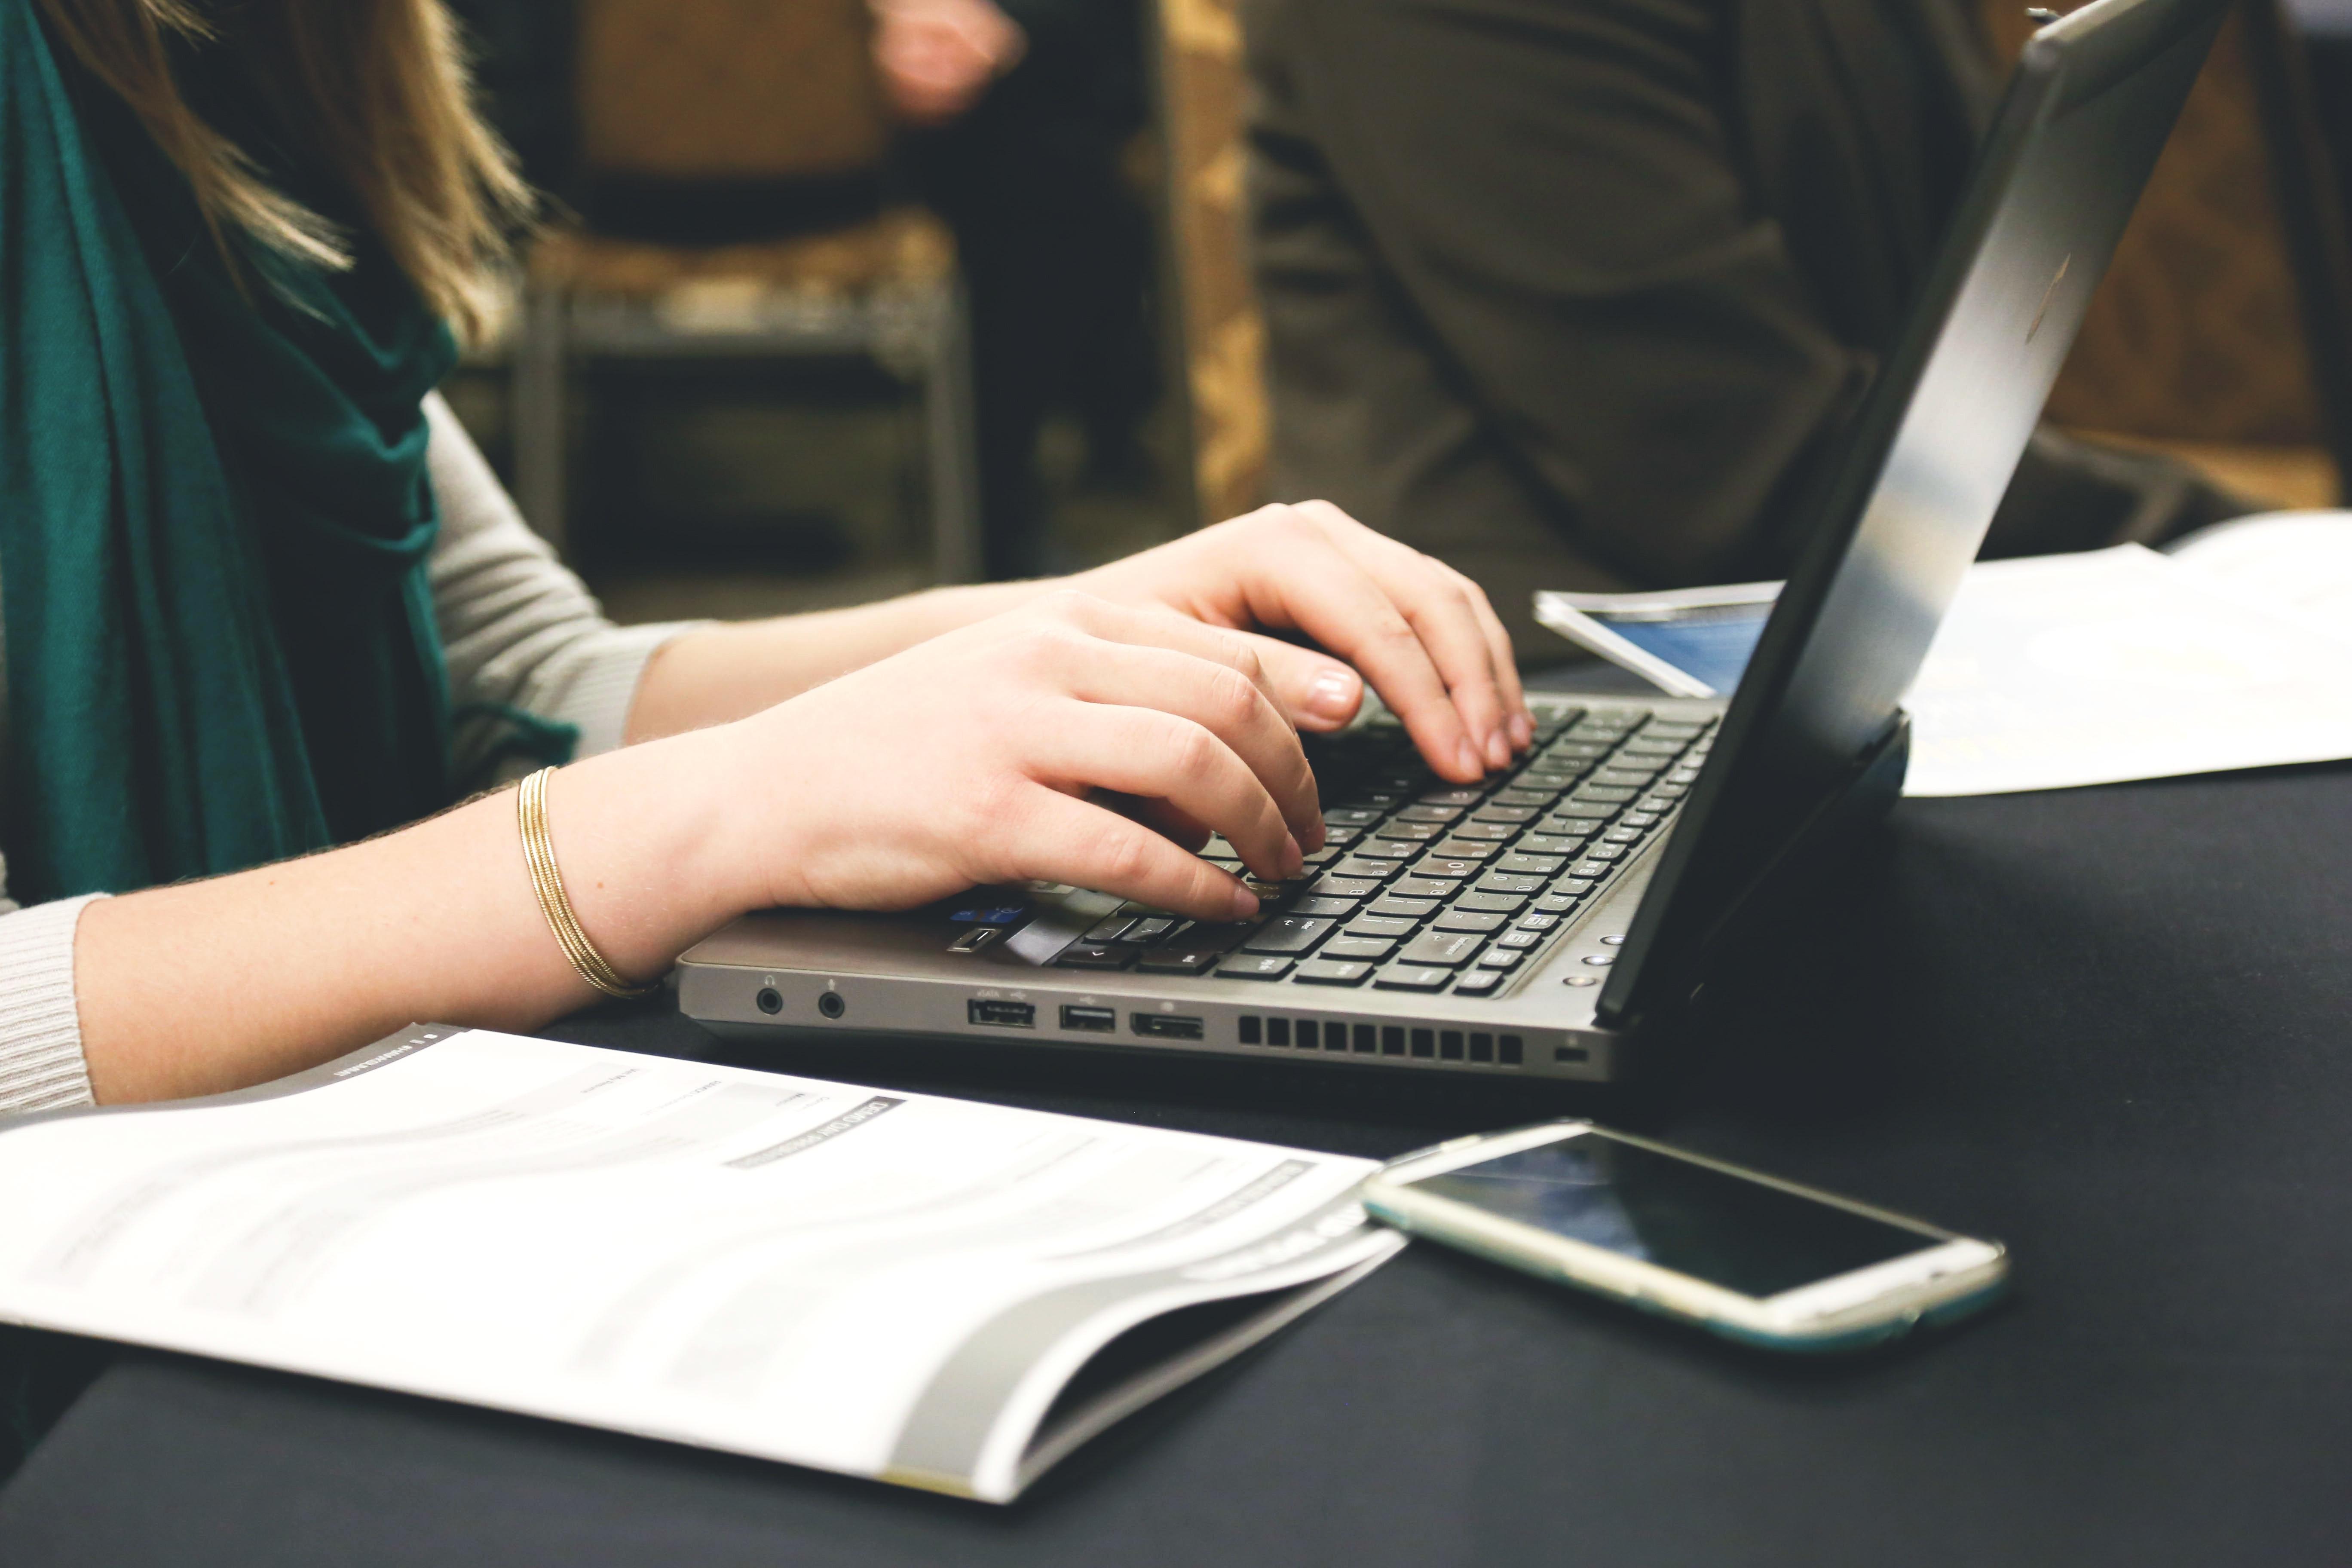 Kiedy najlepiej zacząć naukę programowania?